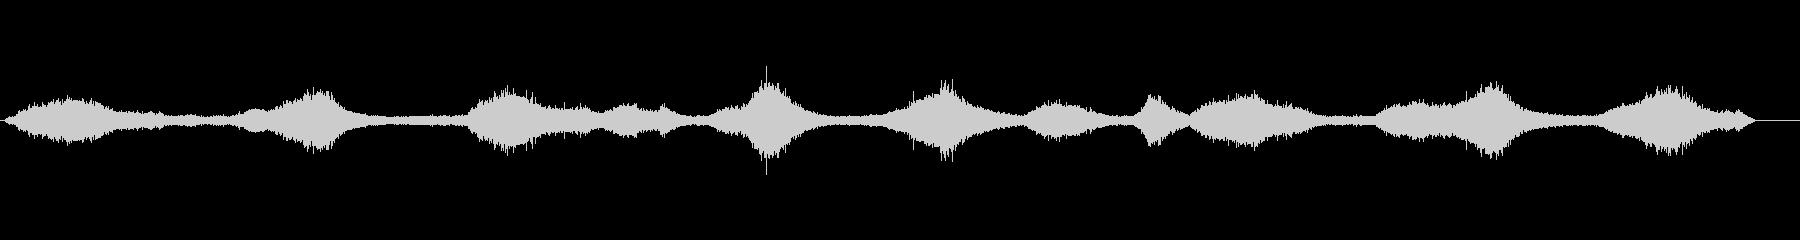 Waves-プラヤアレノサについての未再生の波形